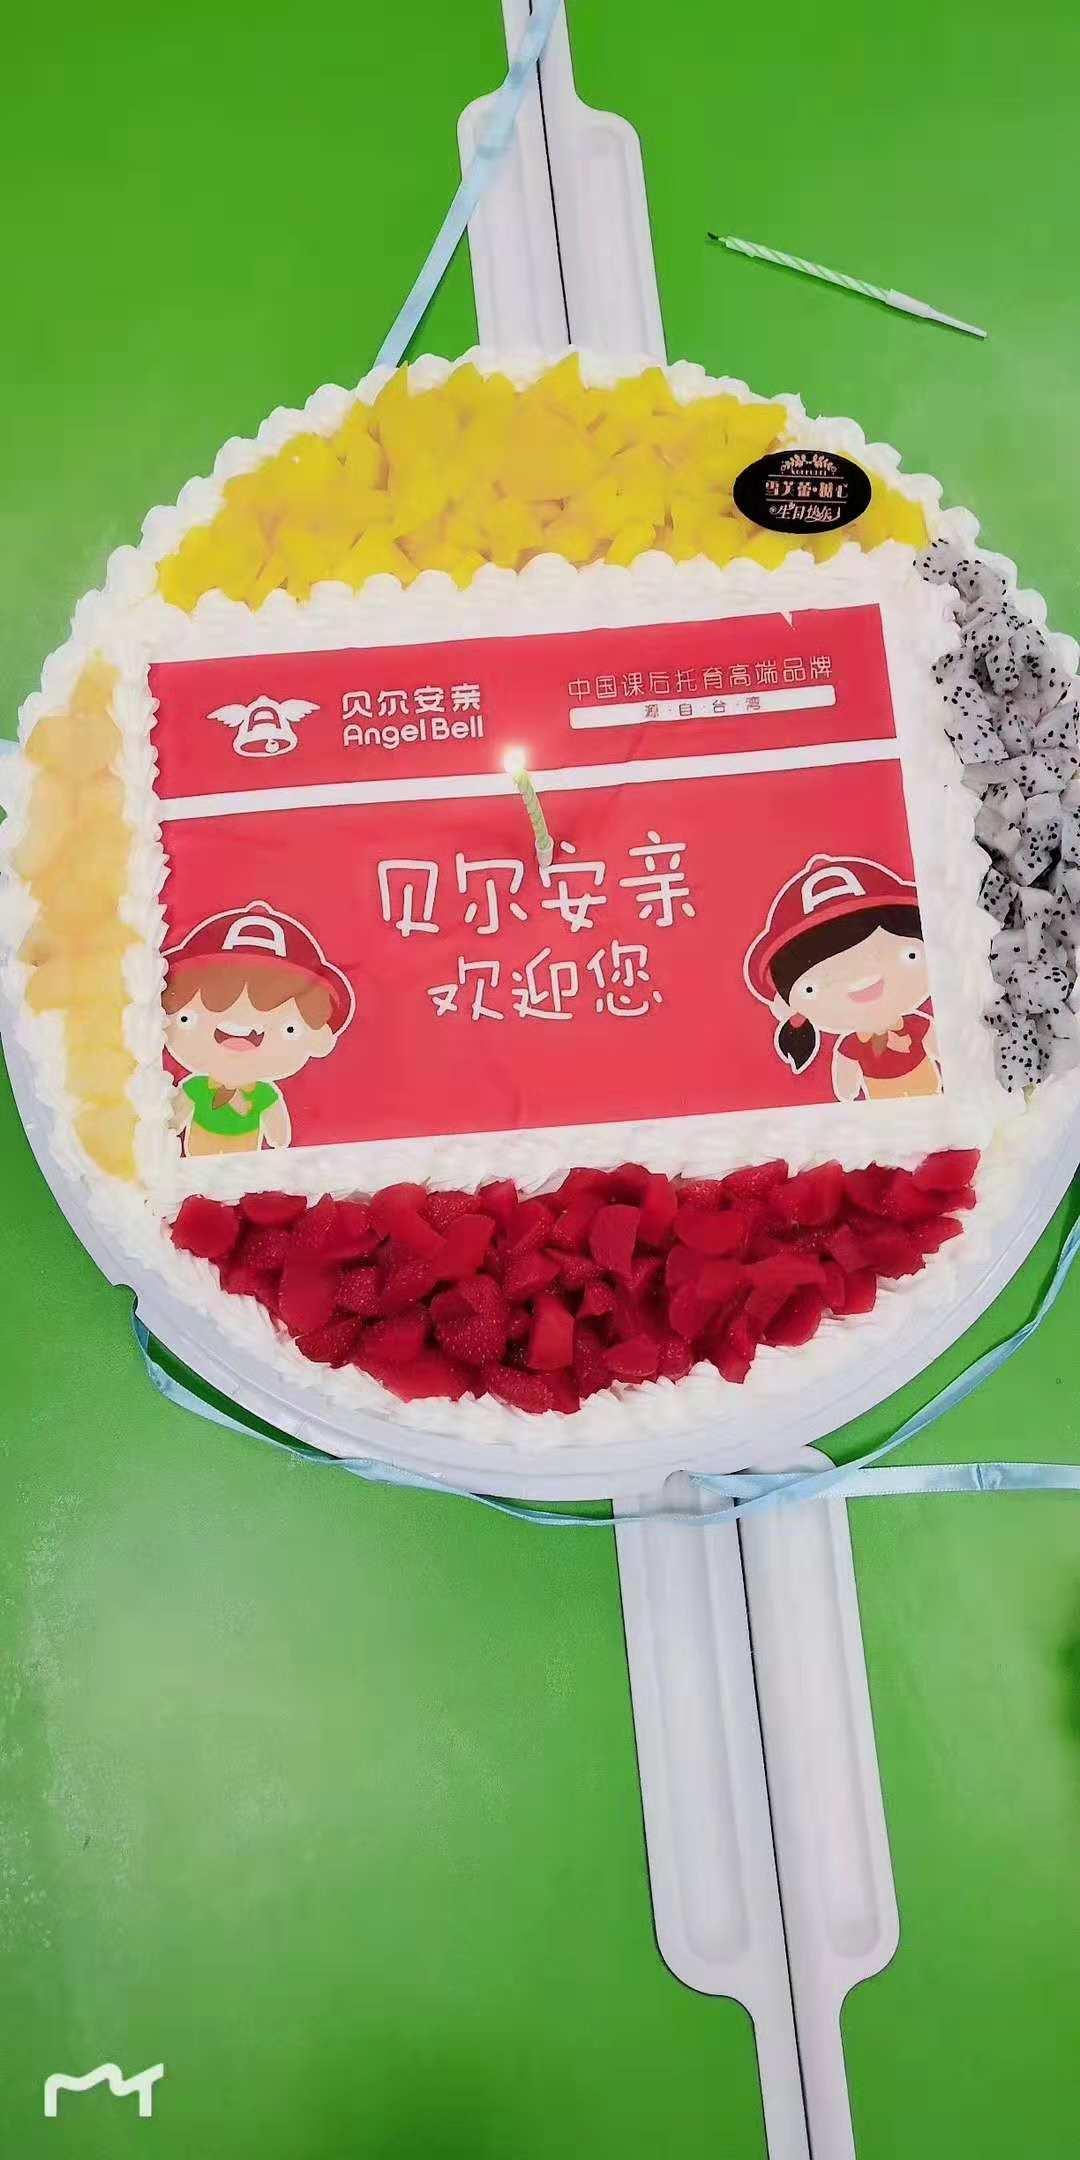 贝尔安亲蛋糕.jpg